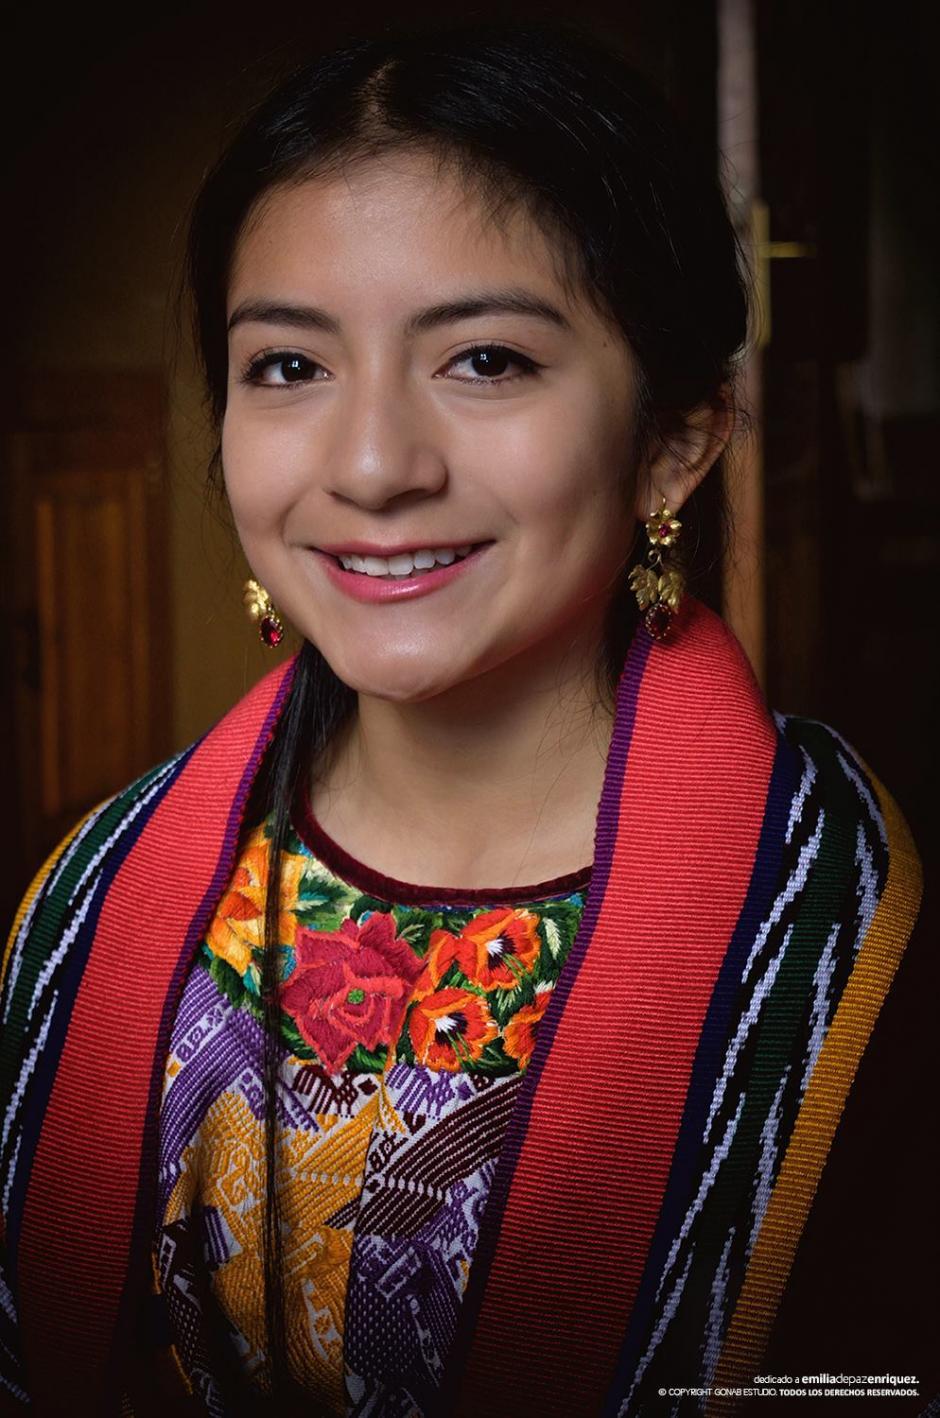 Helen tiene 18 años y es estudiante de relaciones internacionales. (Foto: Facebook, Helen De Paz)